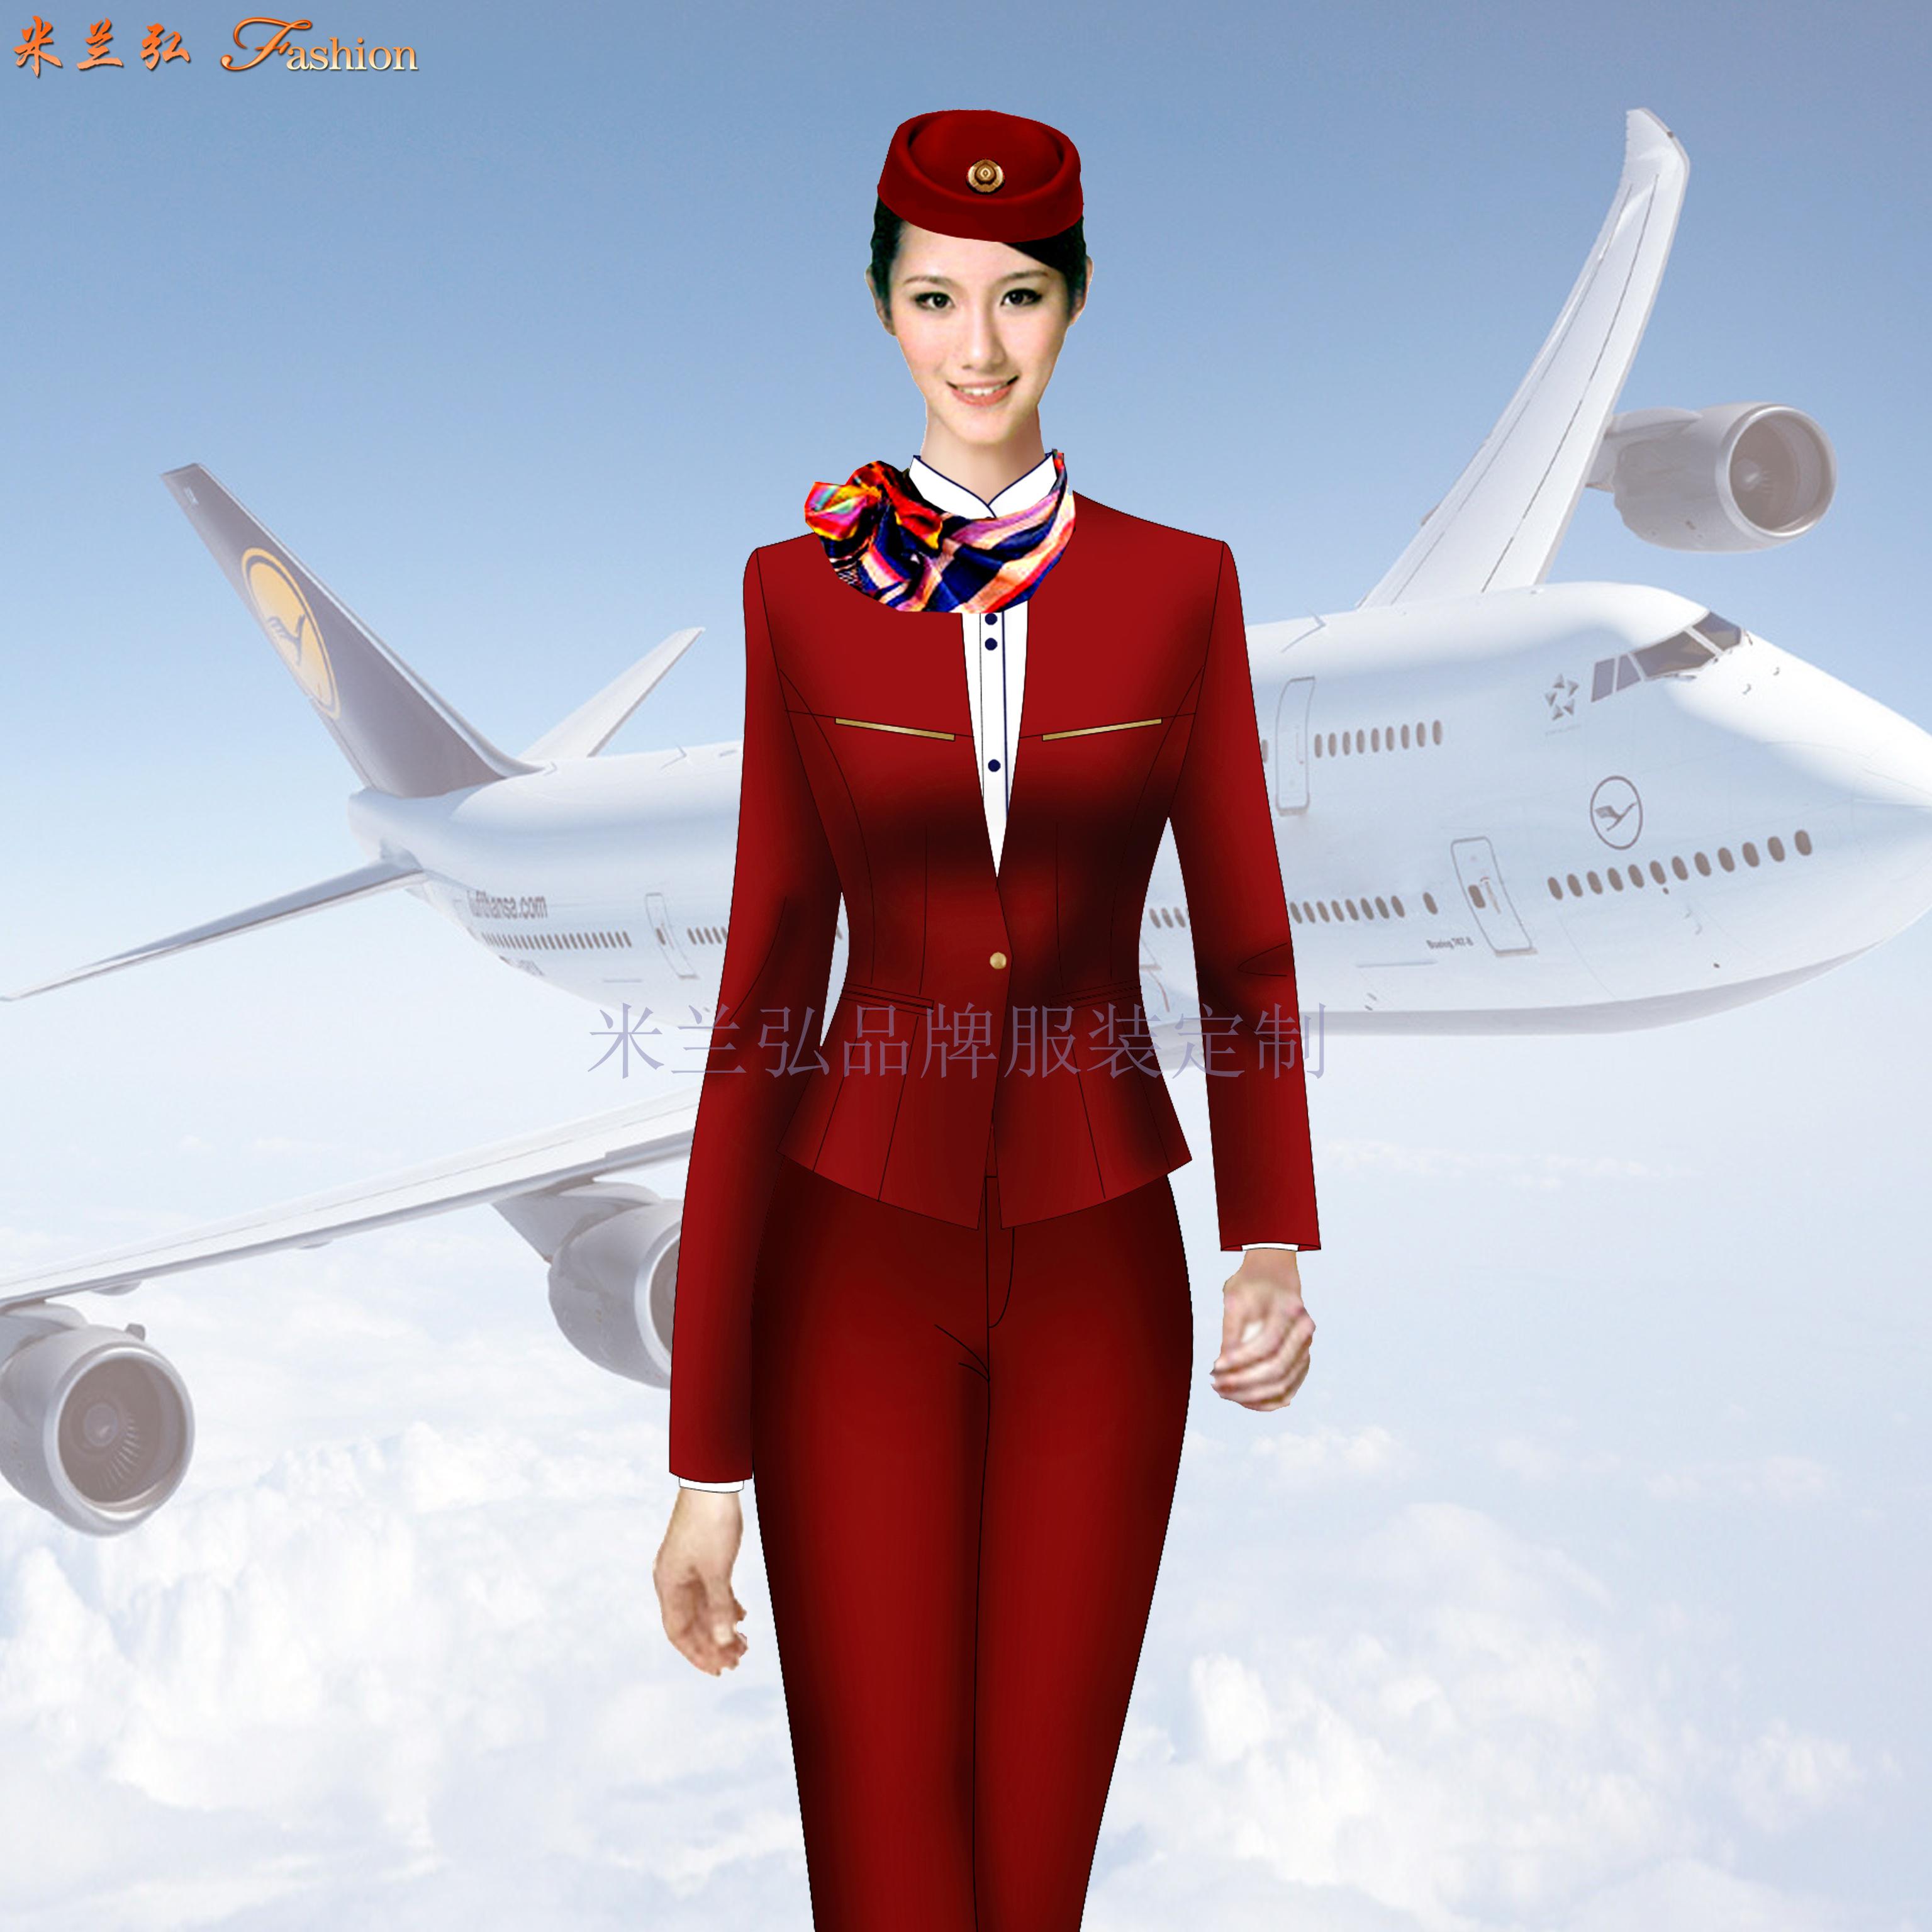 青島空姐服定制_即墨區空姐服訂制_膠州市空姐服定做👍-5